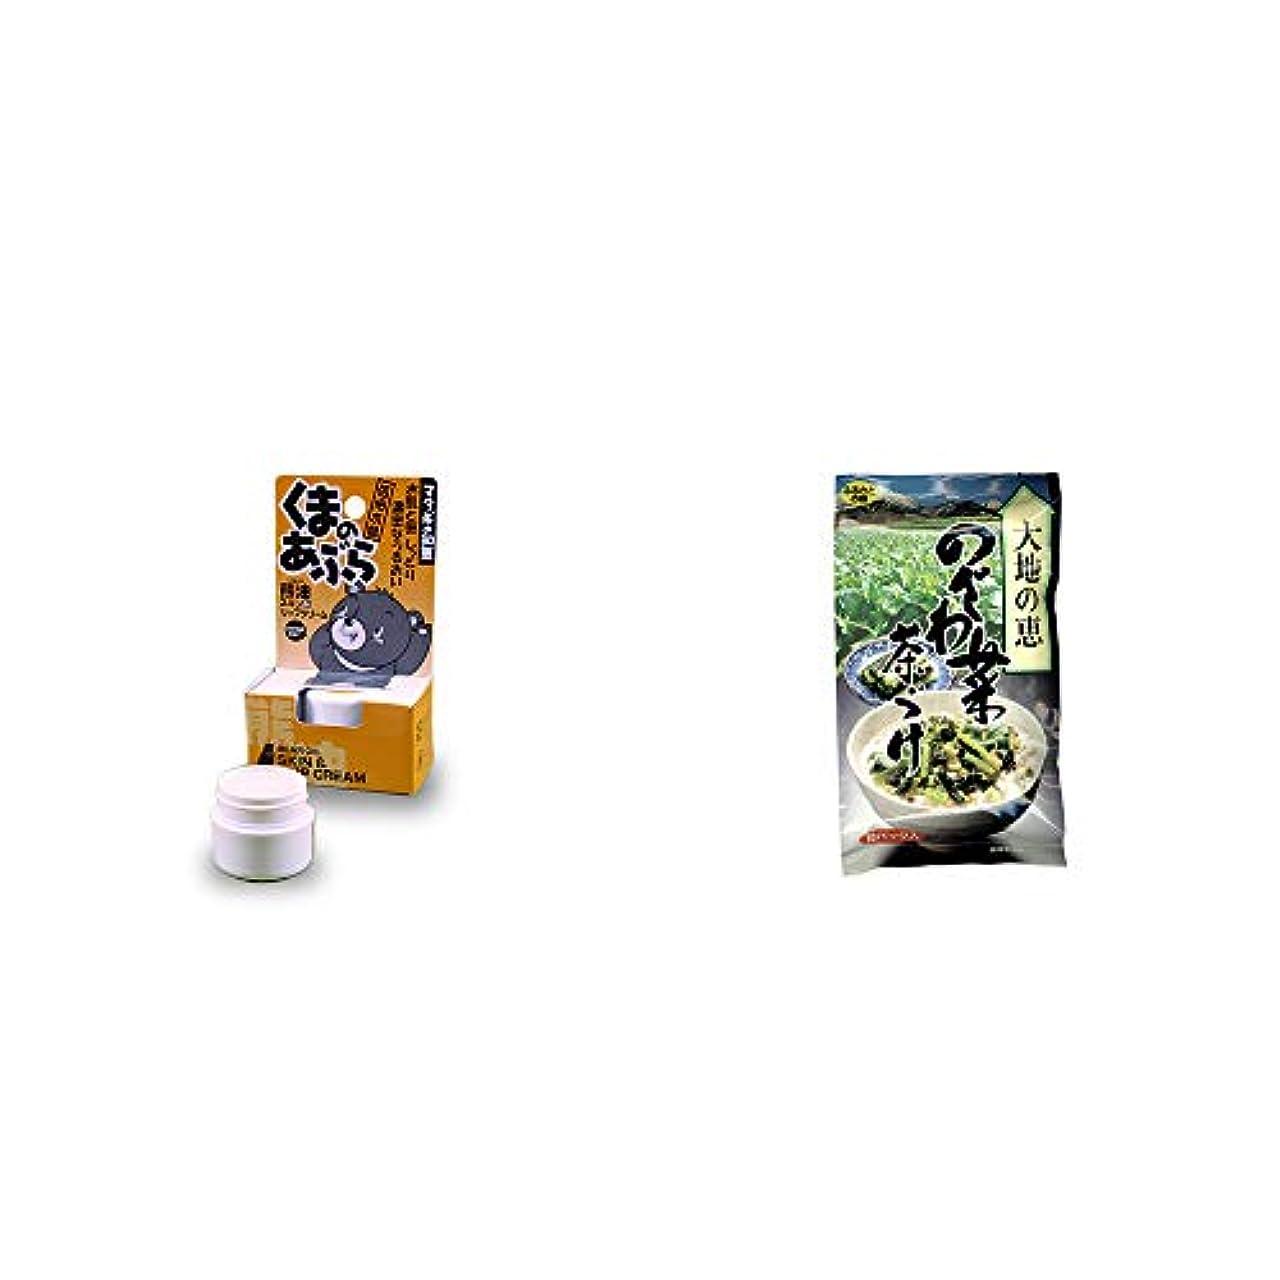 ブレーク場所海賊[2点セット] 信州木曽 くまのあぶら 熊油スキン&リップクリーム(9g)?特選茶漬け 大地の恵 のざわ菜茶づけ(10袋入)